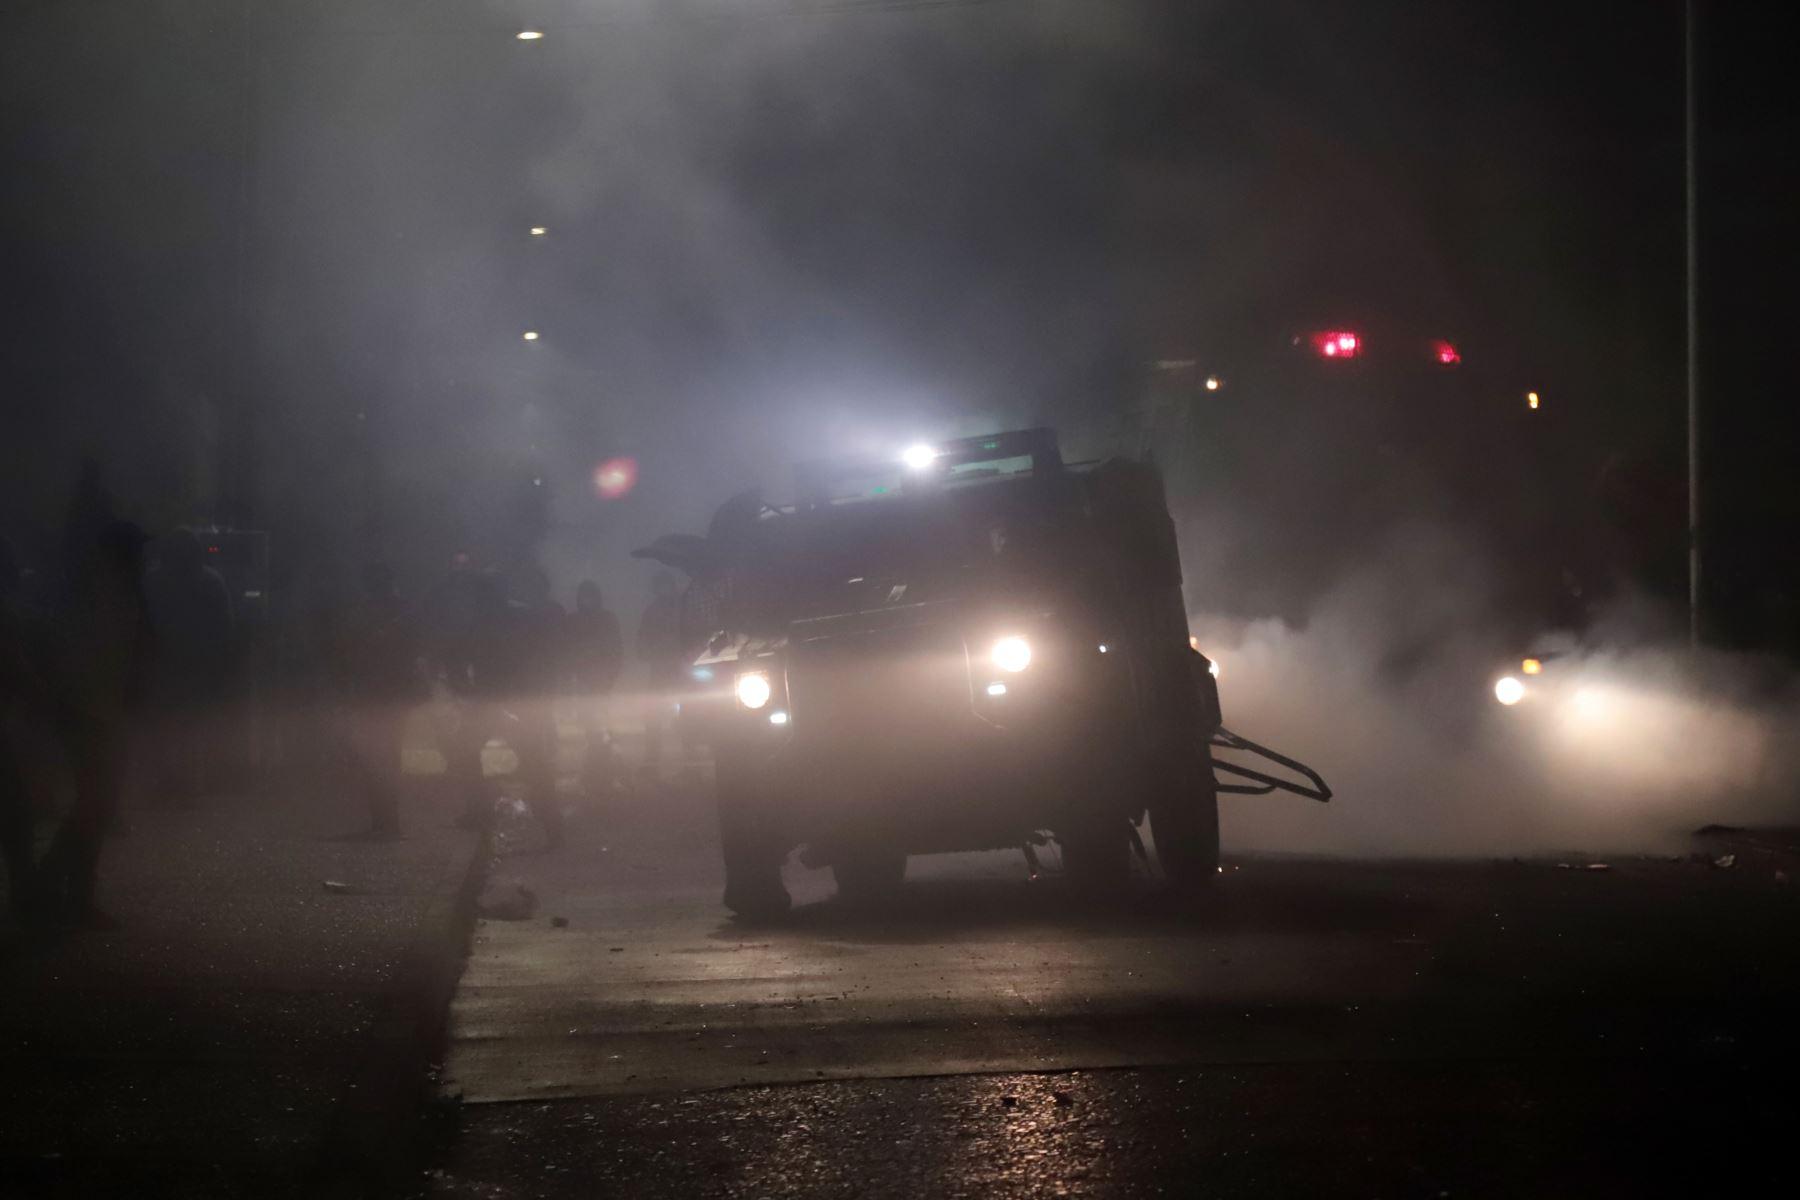 Un vehículo policial intenta dispersar a los manifestantes fuera del municipio de Curacautín después de que fuera destruido durante las protestas en la región de la Araucanía, sur de Chile. Foto: AFP